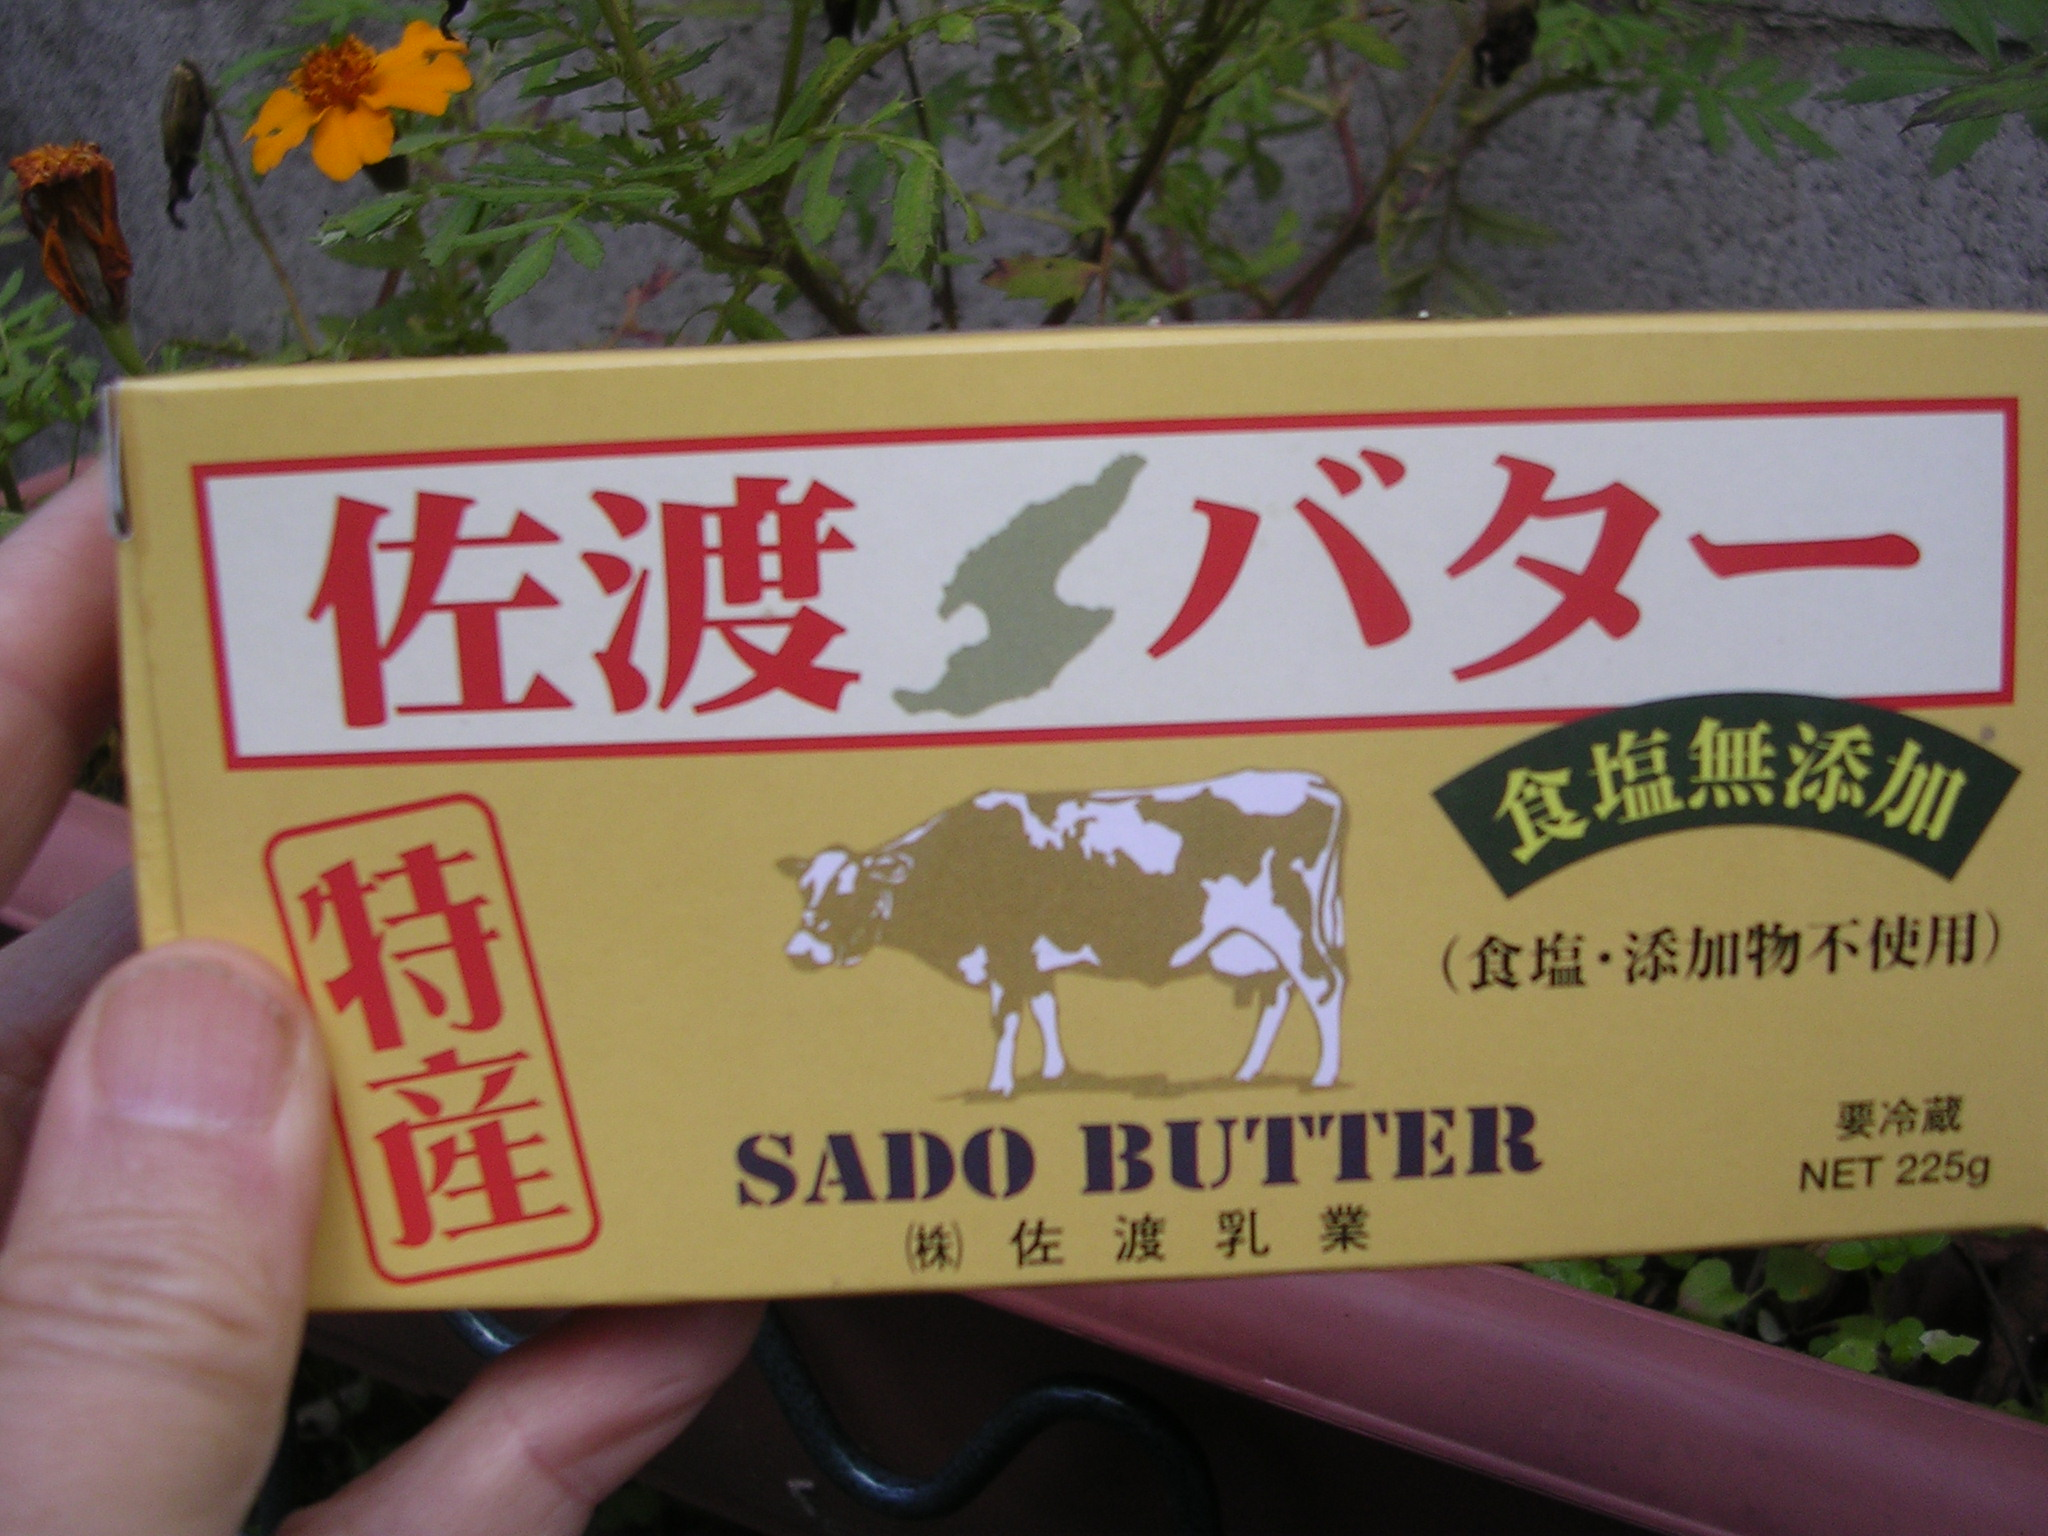 佐渡バター 先日のスケッチクラスのとき、あわたさんから頂いた、無塩佐渡バター。これ... 佐渡*